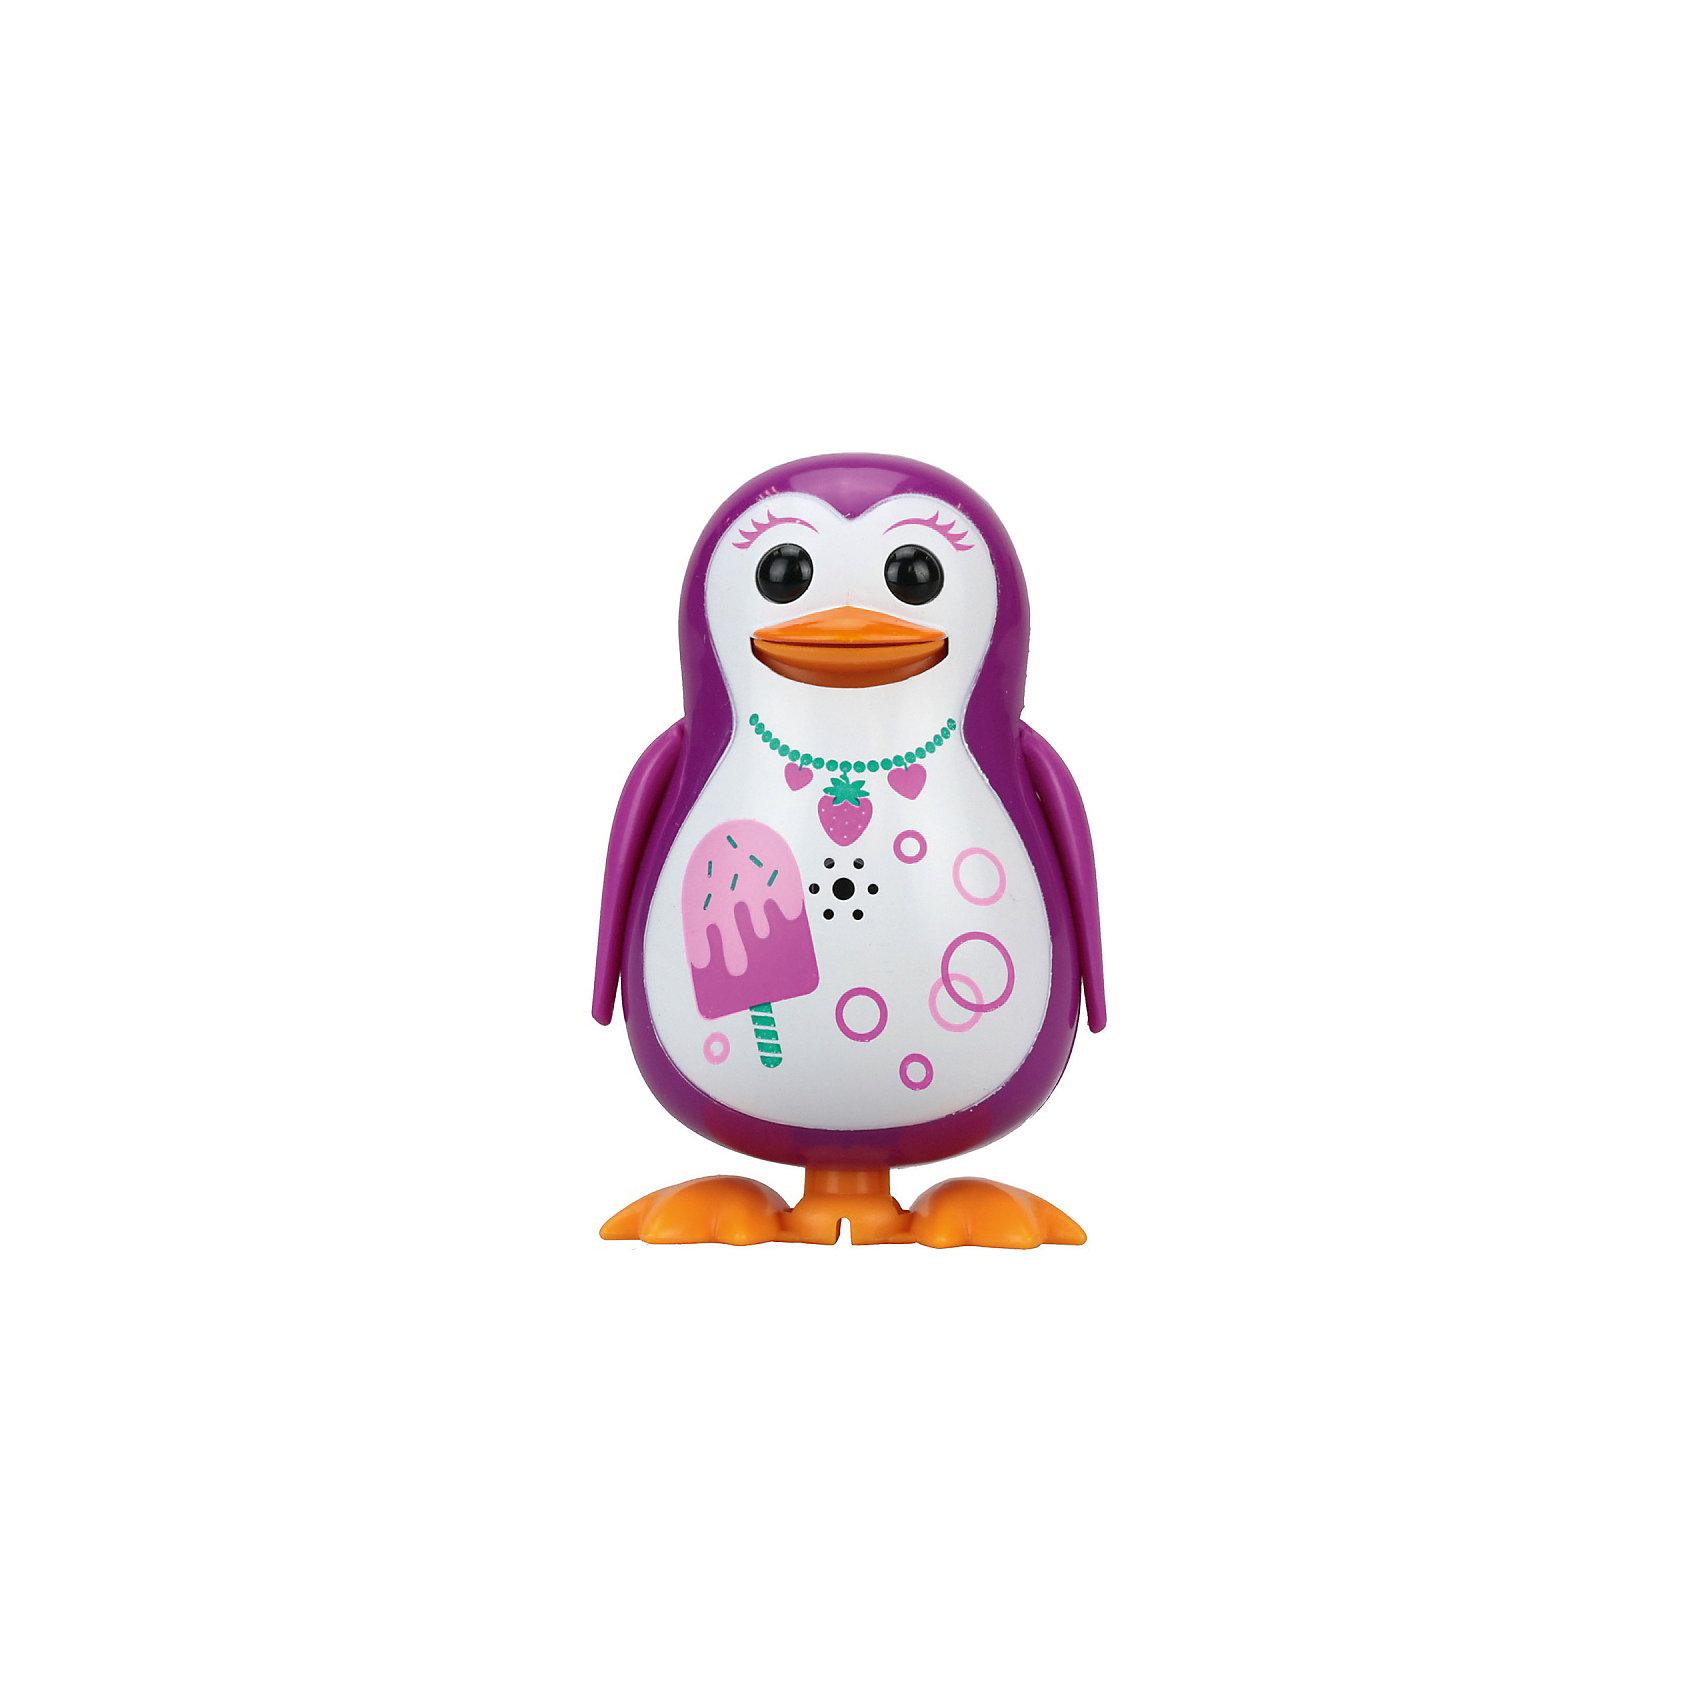 Поющий пингвин с кольцом, розовый, принт мороженое,  DigiBirdsИнтерактивные животные<br><br><br>Ширина мм: 64<br>Глубина мм: 152<br>Высота мм: 102<br>Вес г: 91<br>Возраст от месяцев: 36<br>Возраст до месяцев: 84<br>Пол: Унисекс<br>Возраст: Детский<br>SKU: 5522712